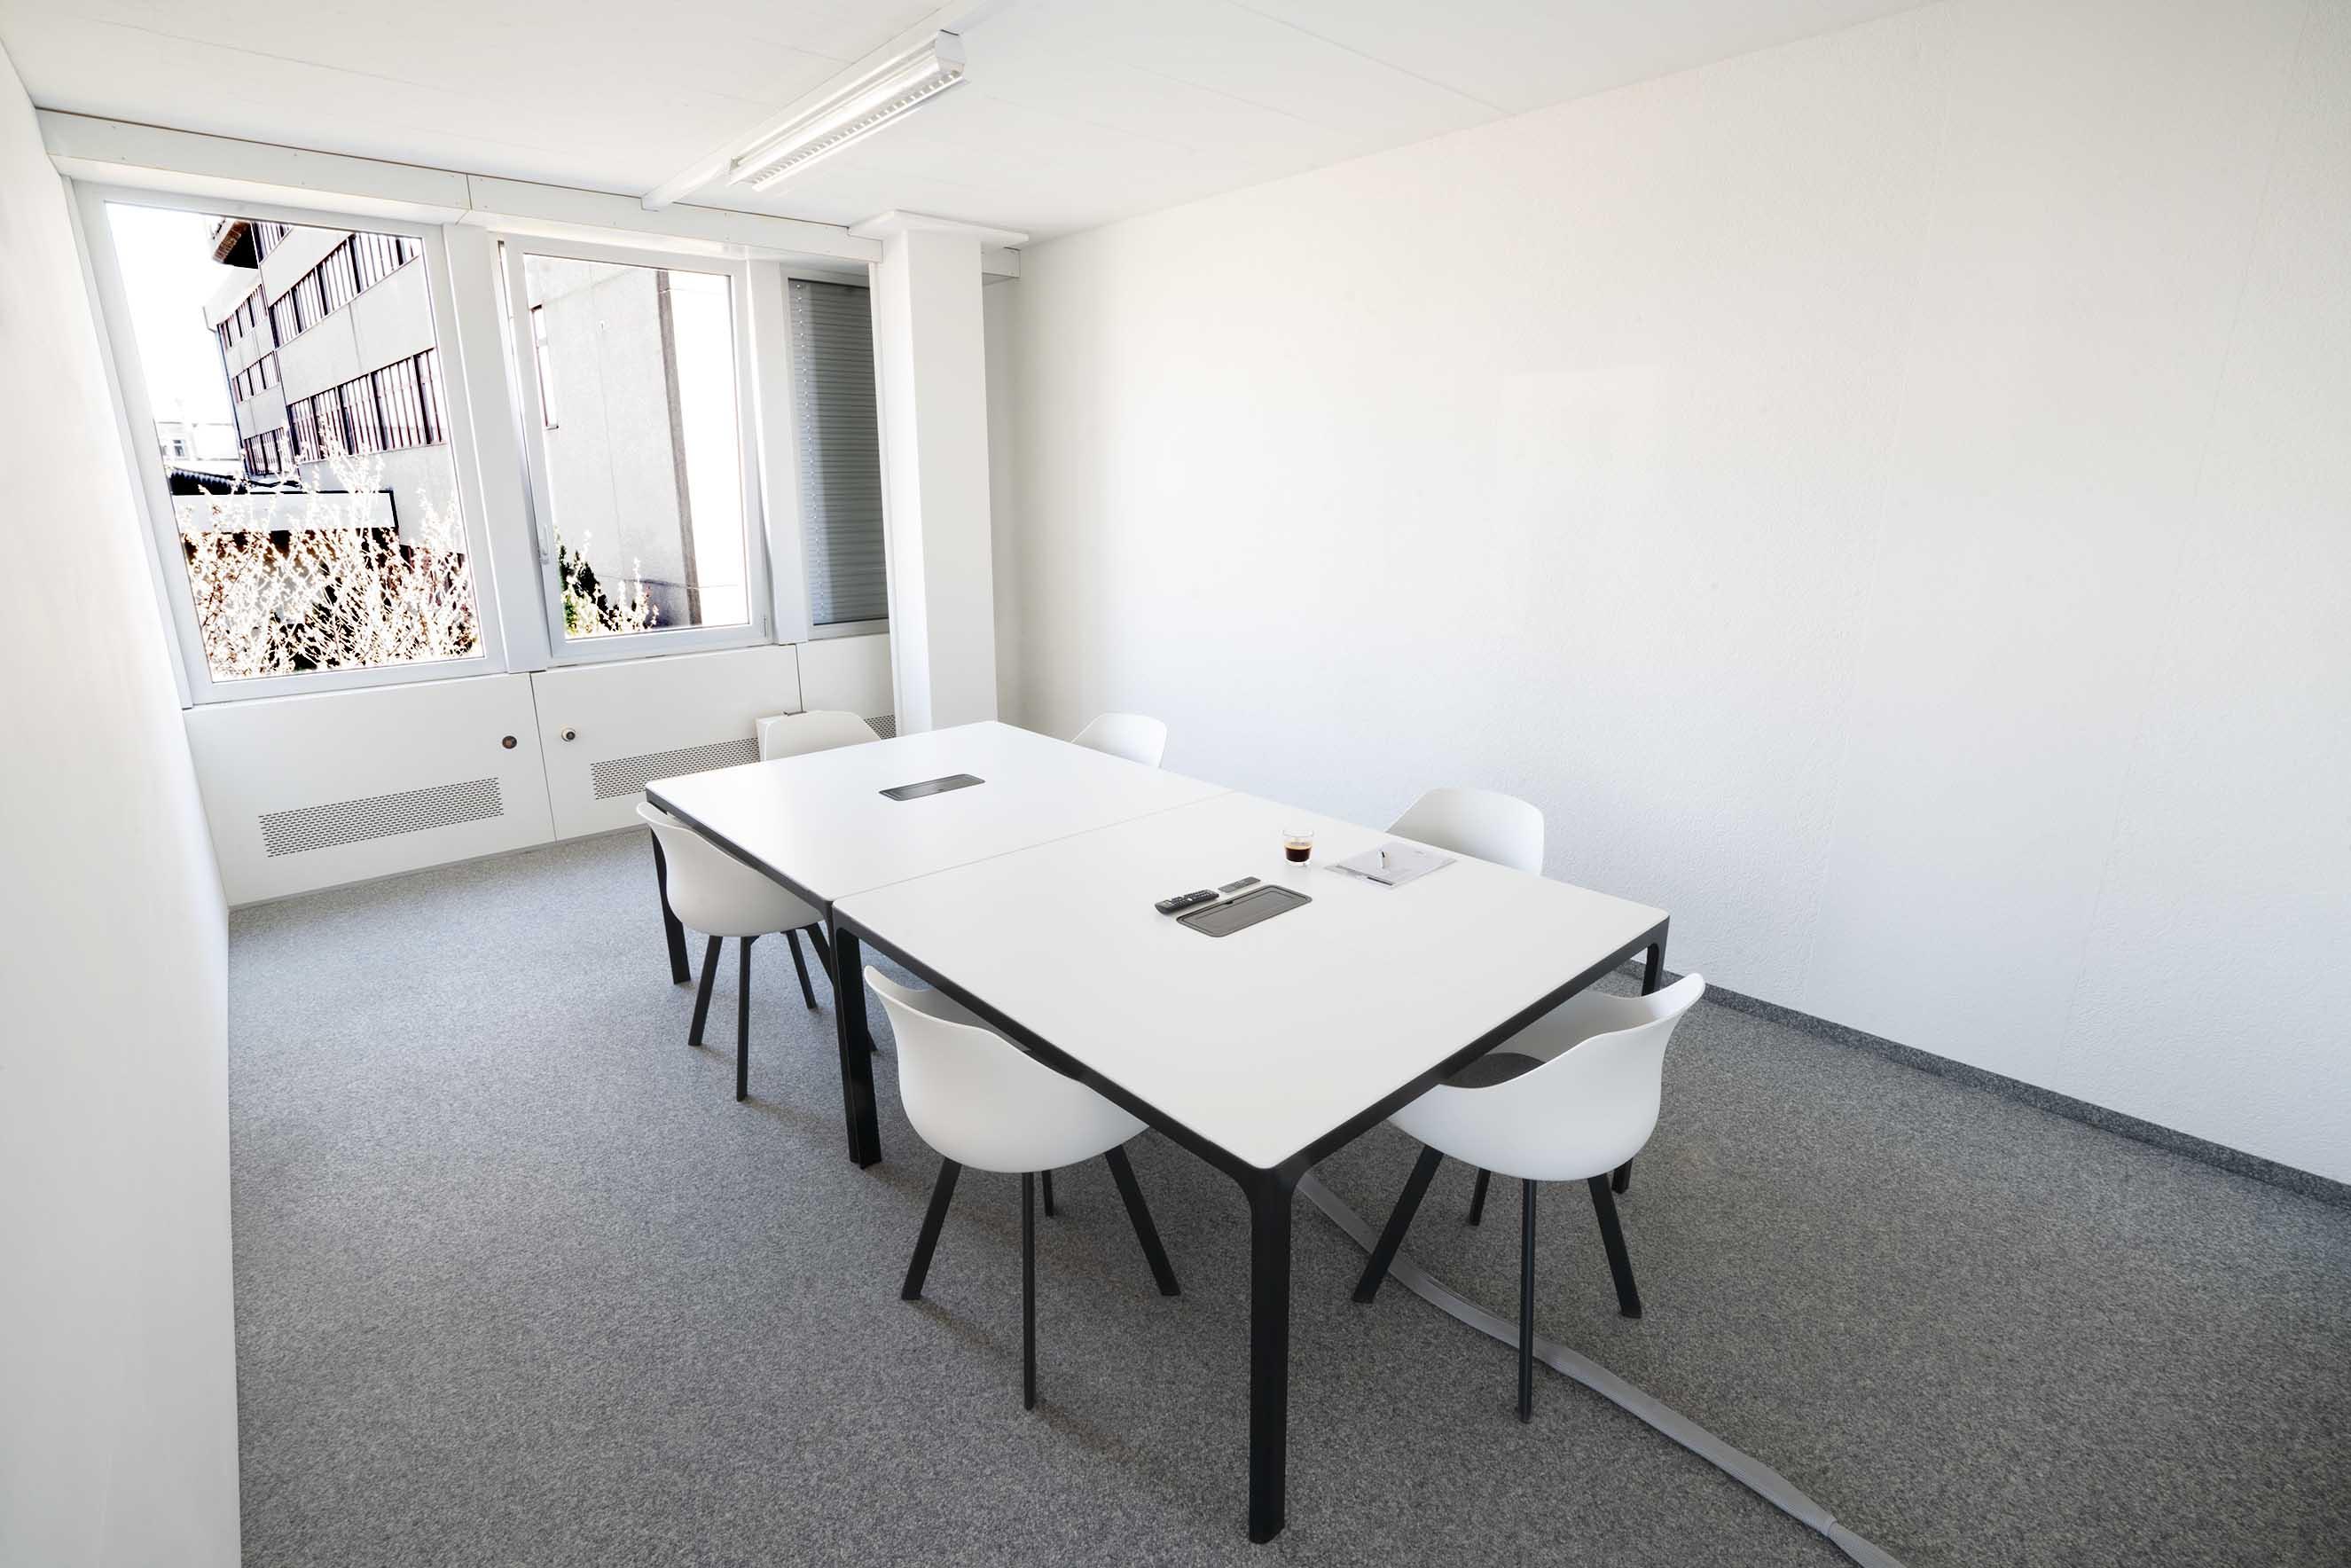 meeting raum, Room, chair, conference, büro mieten einzelbüro, schweiz, top angebot